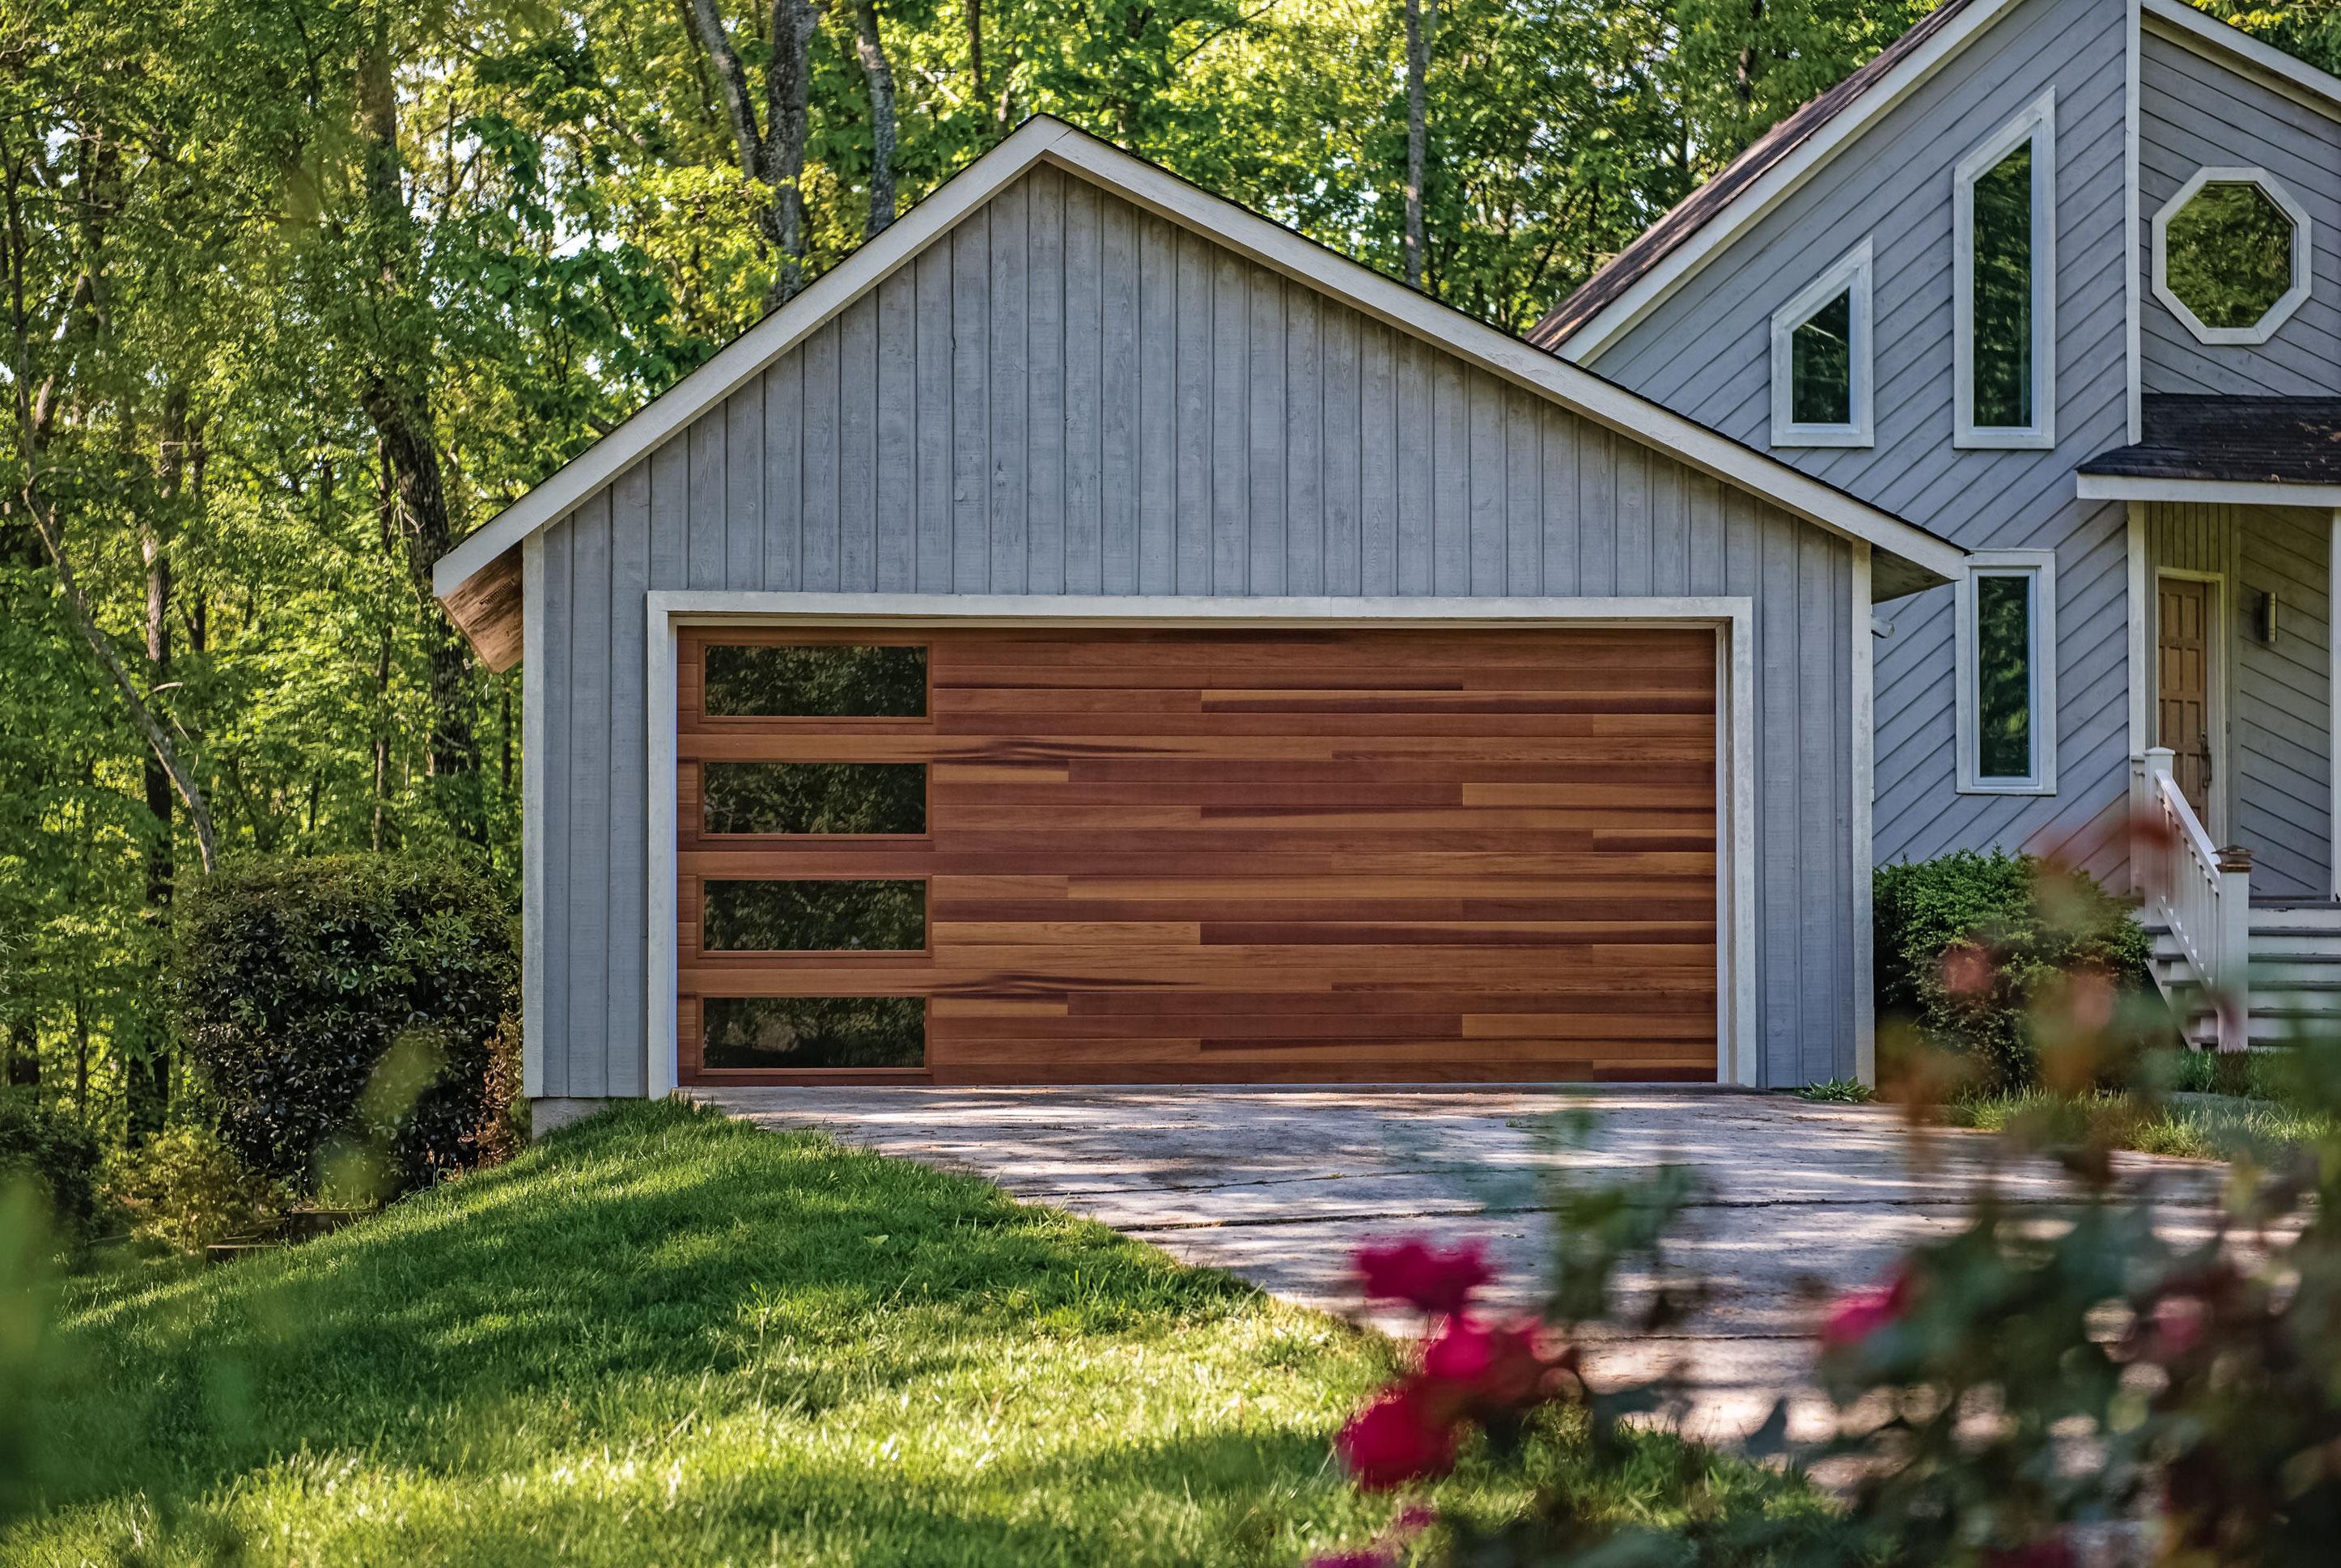 Maintenance__Tips_For_Your__Garage_Door__To_Last_Longer.jpg